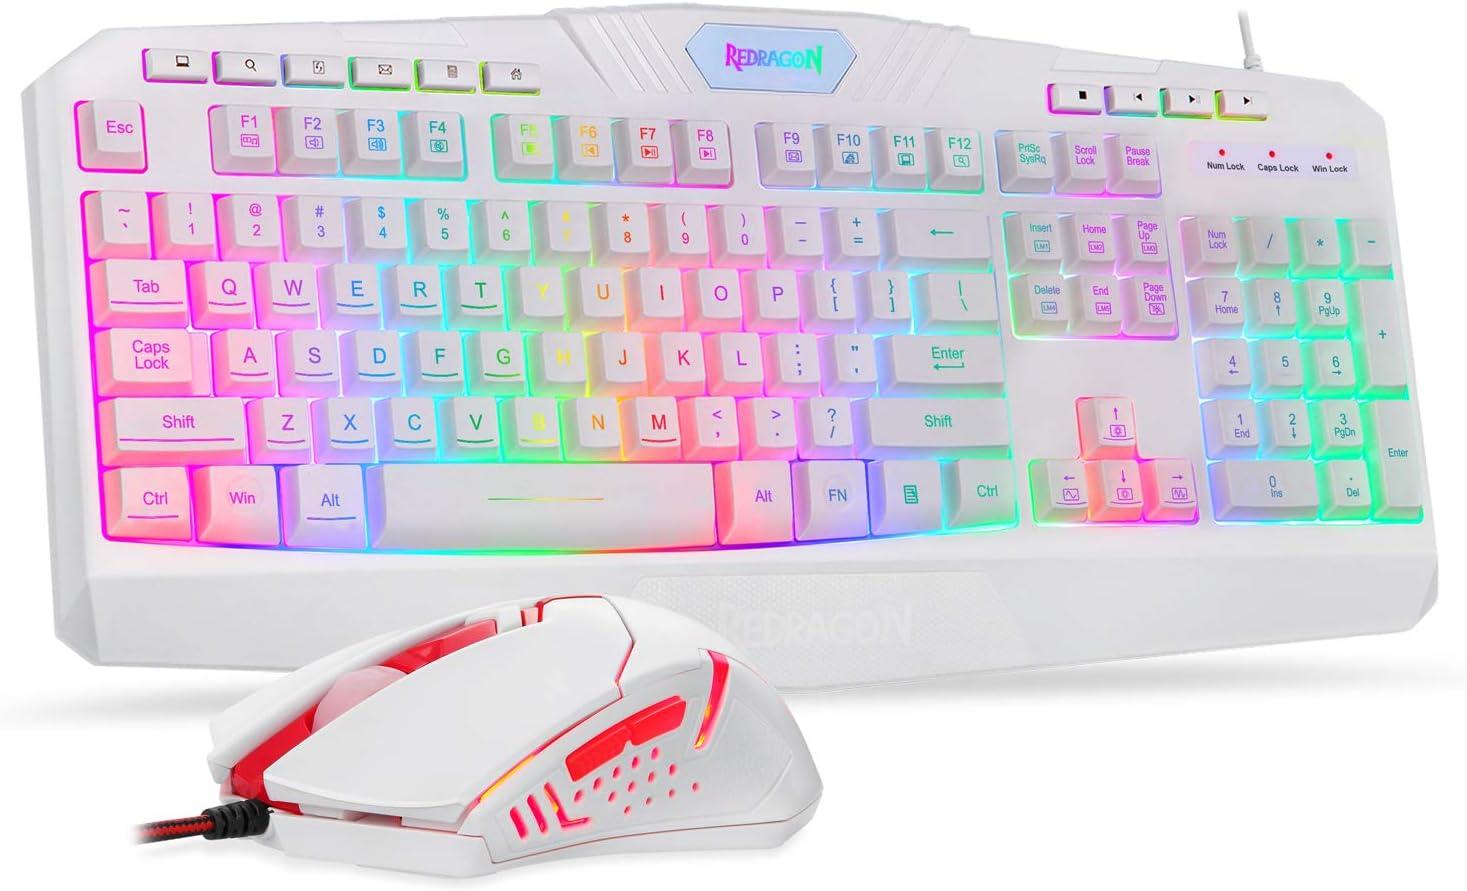 Teclado y mouse (3200 DPI) Redragon S101. Blanco RGB